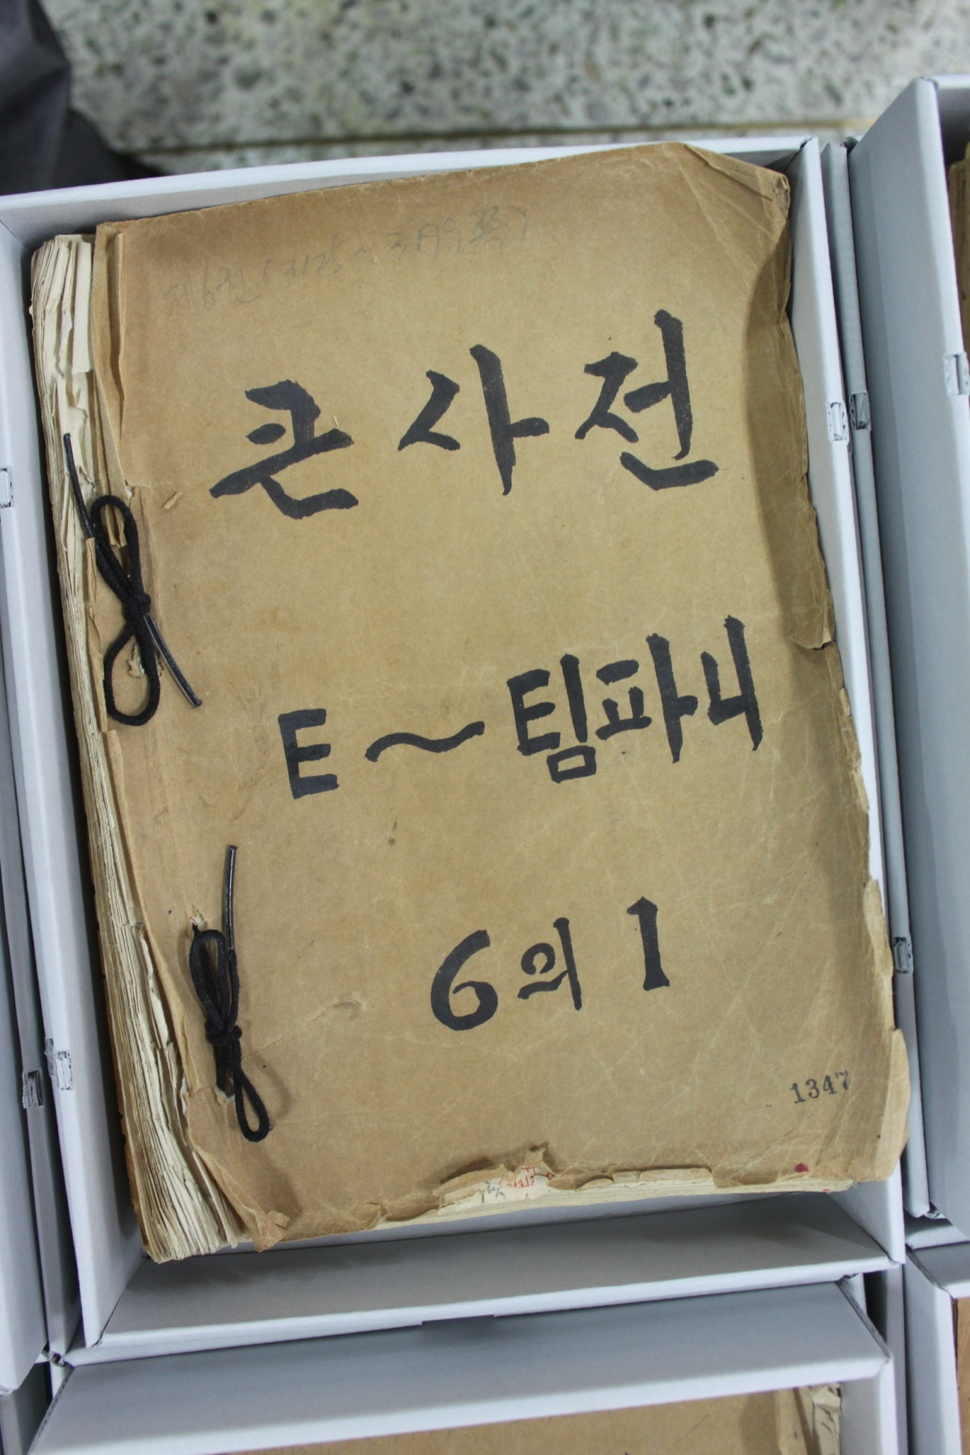 <조선말 큰 사전> 제6권의 표지. 사진 출처 <국가기록원>